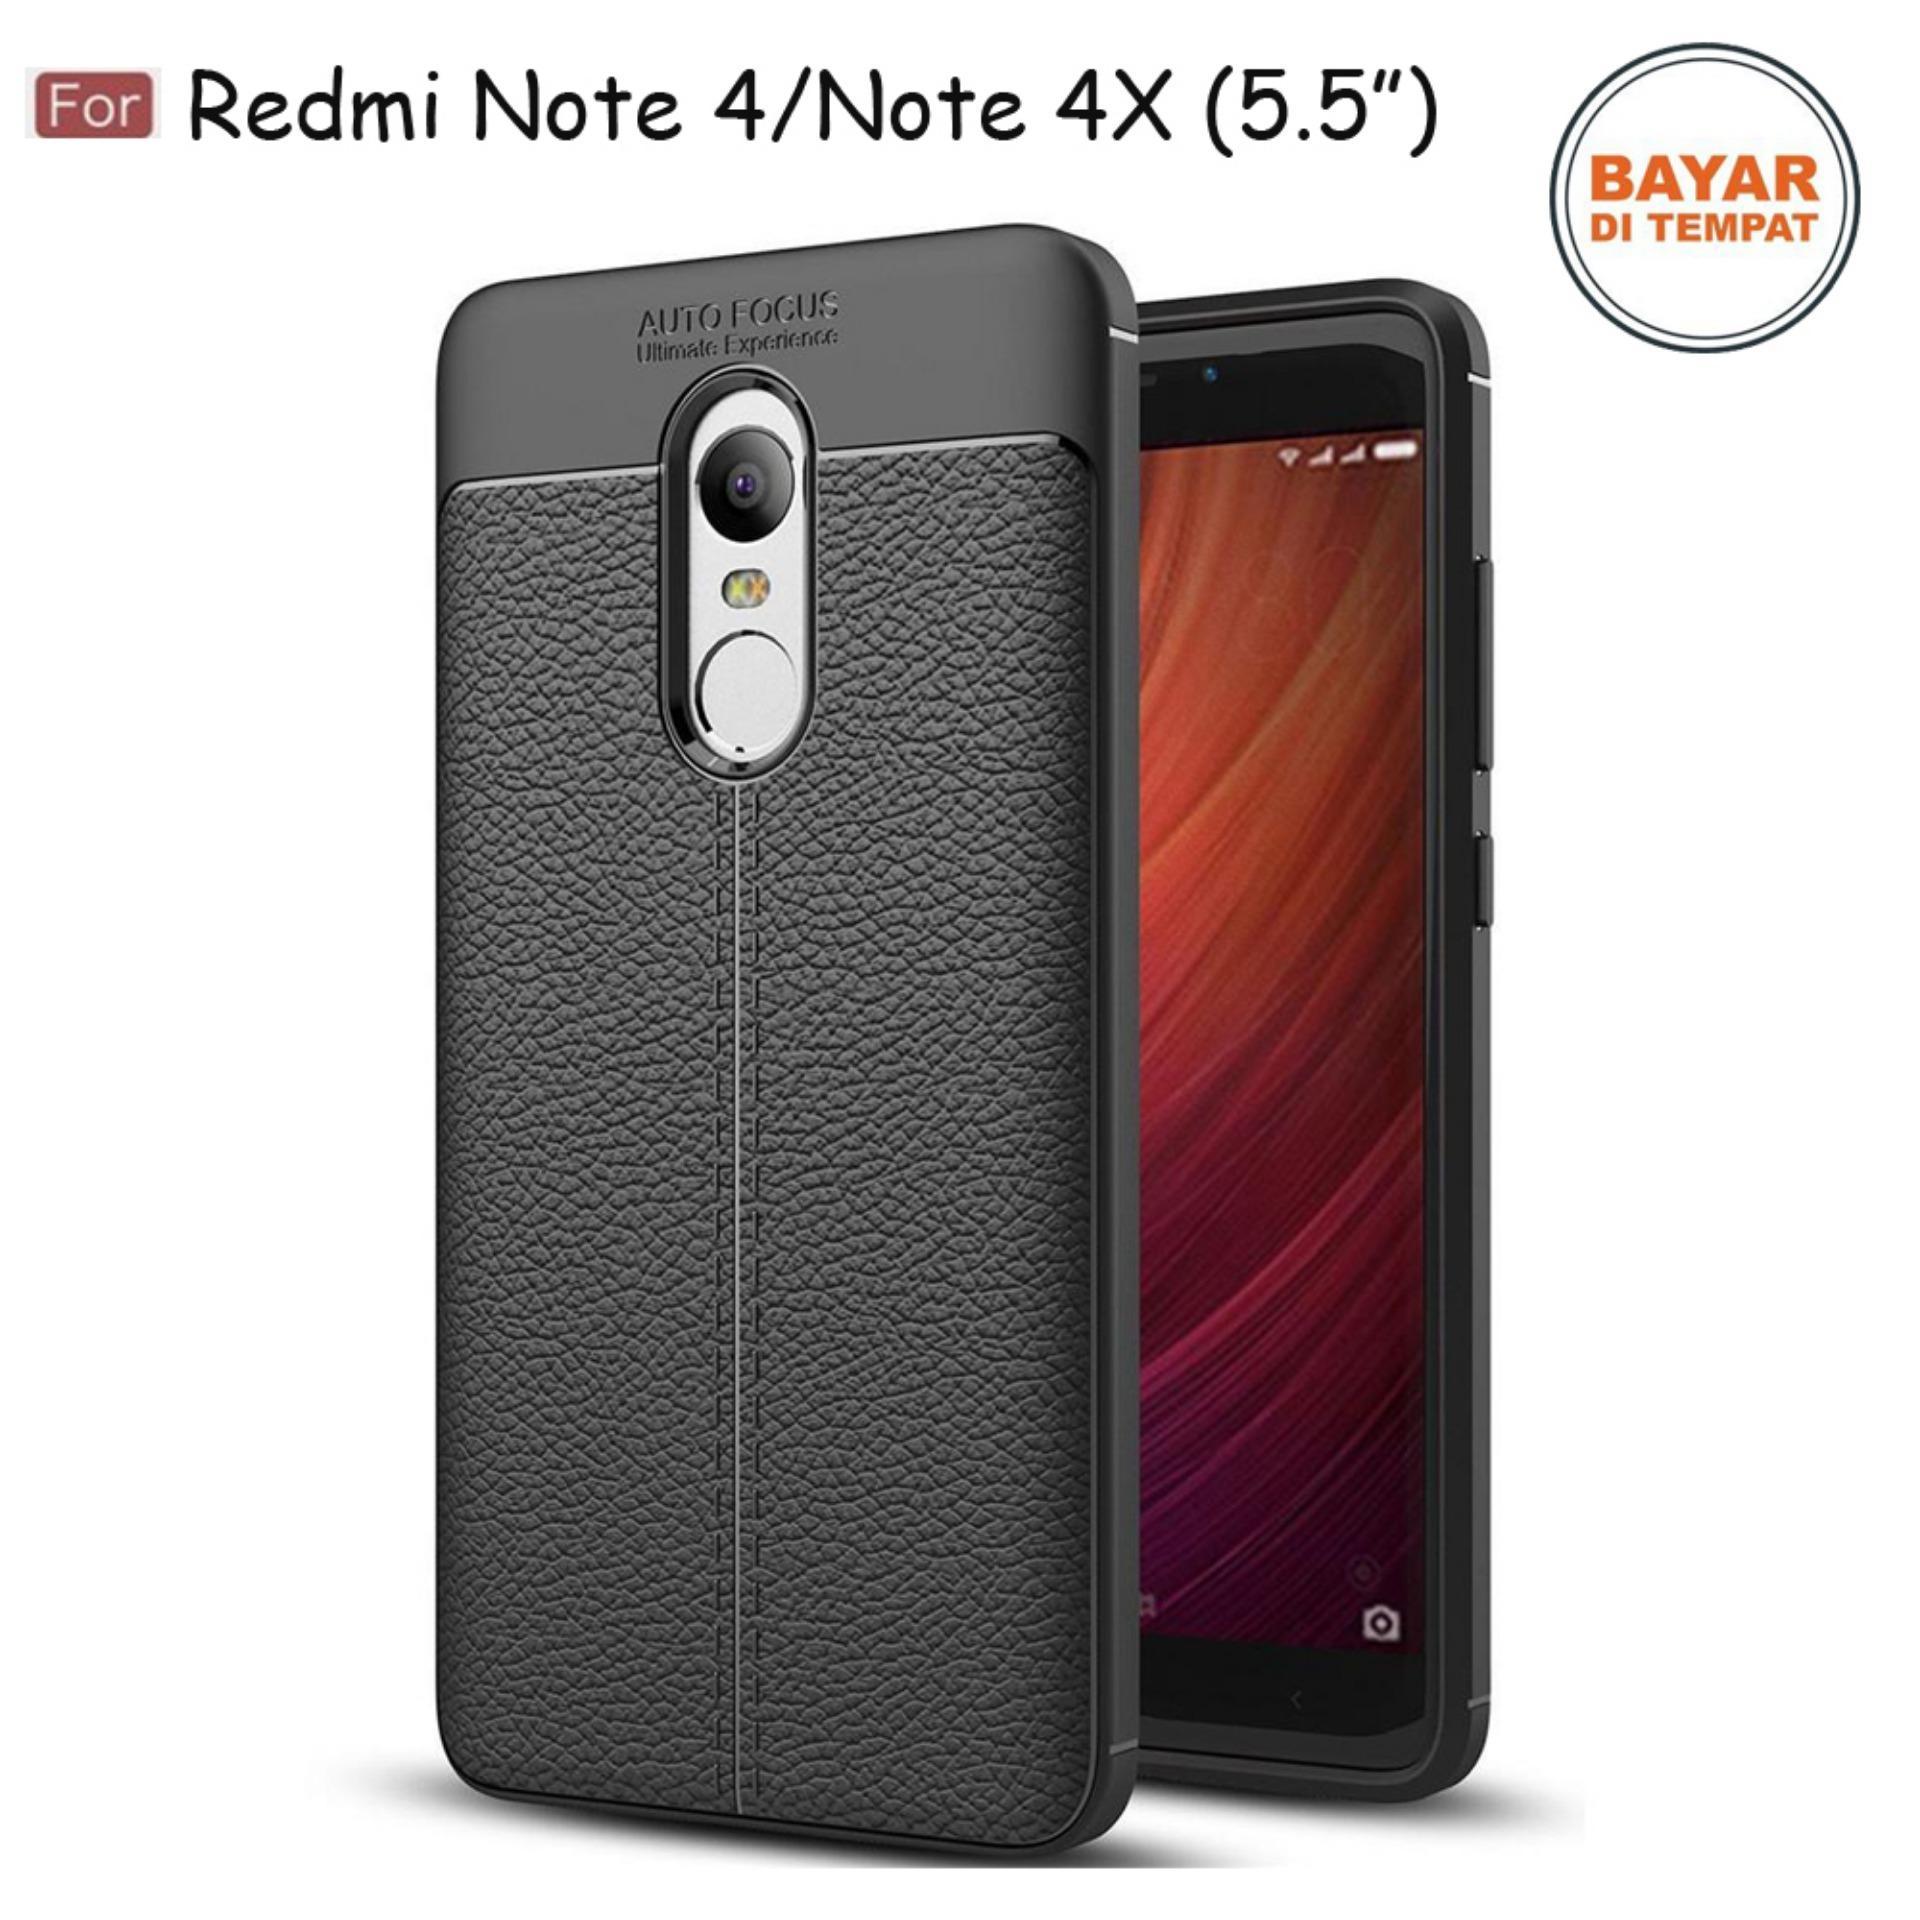 casing / Silikon Leather AutoFocus Softcase Xiaomi Redmi Note 4 / Note 4X ( 5.5